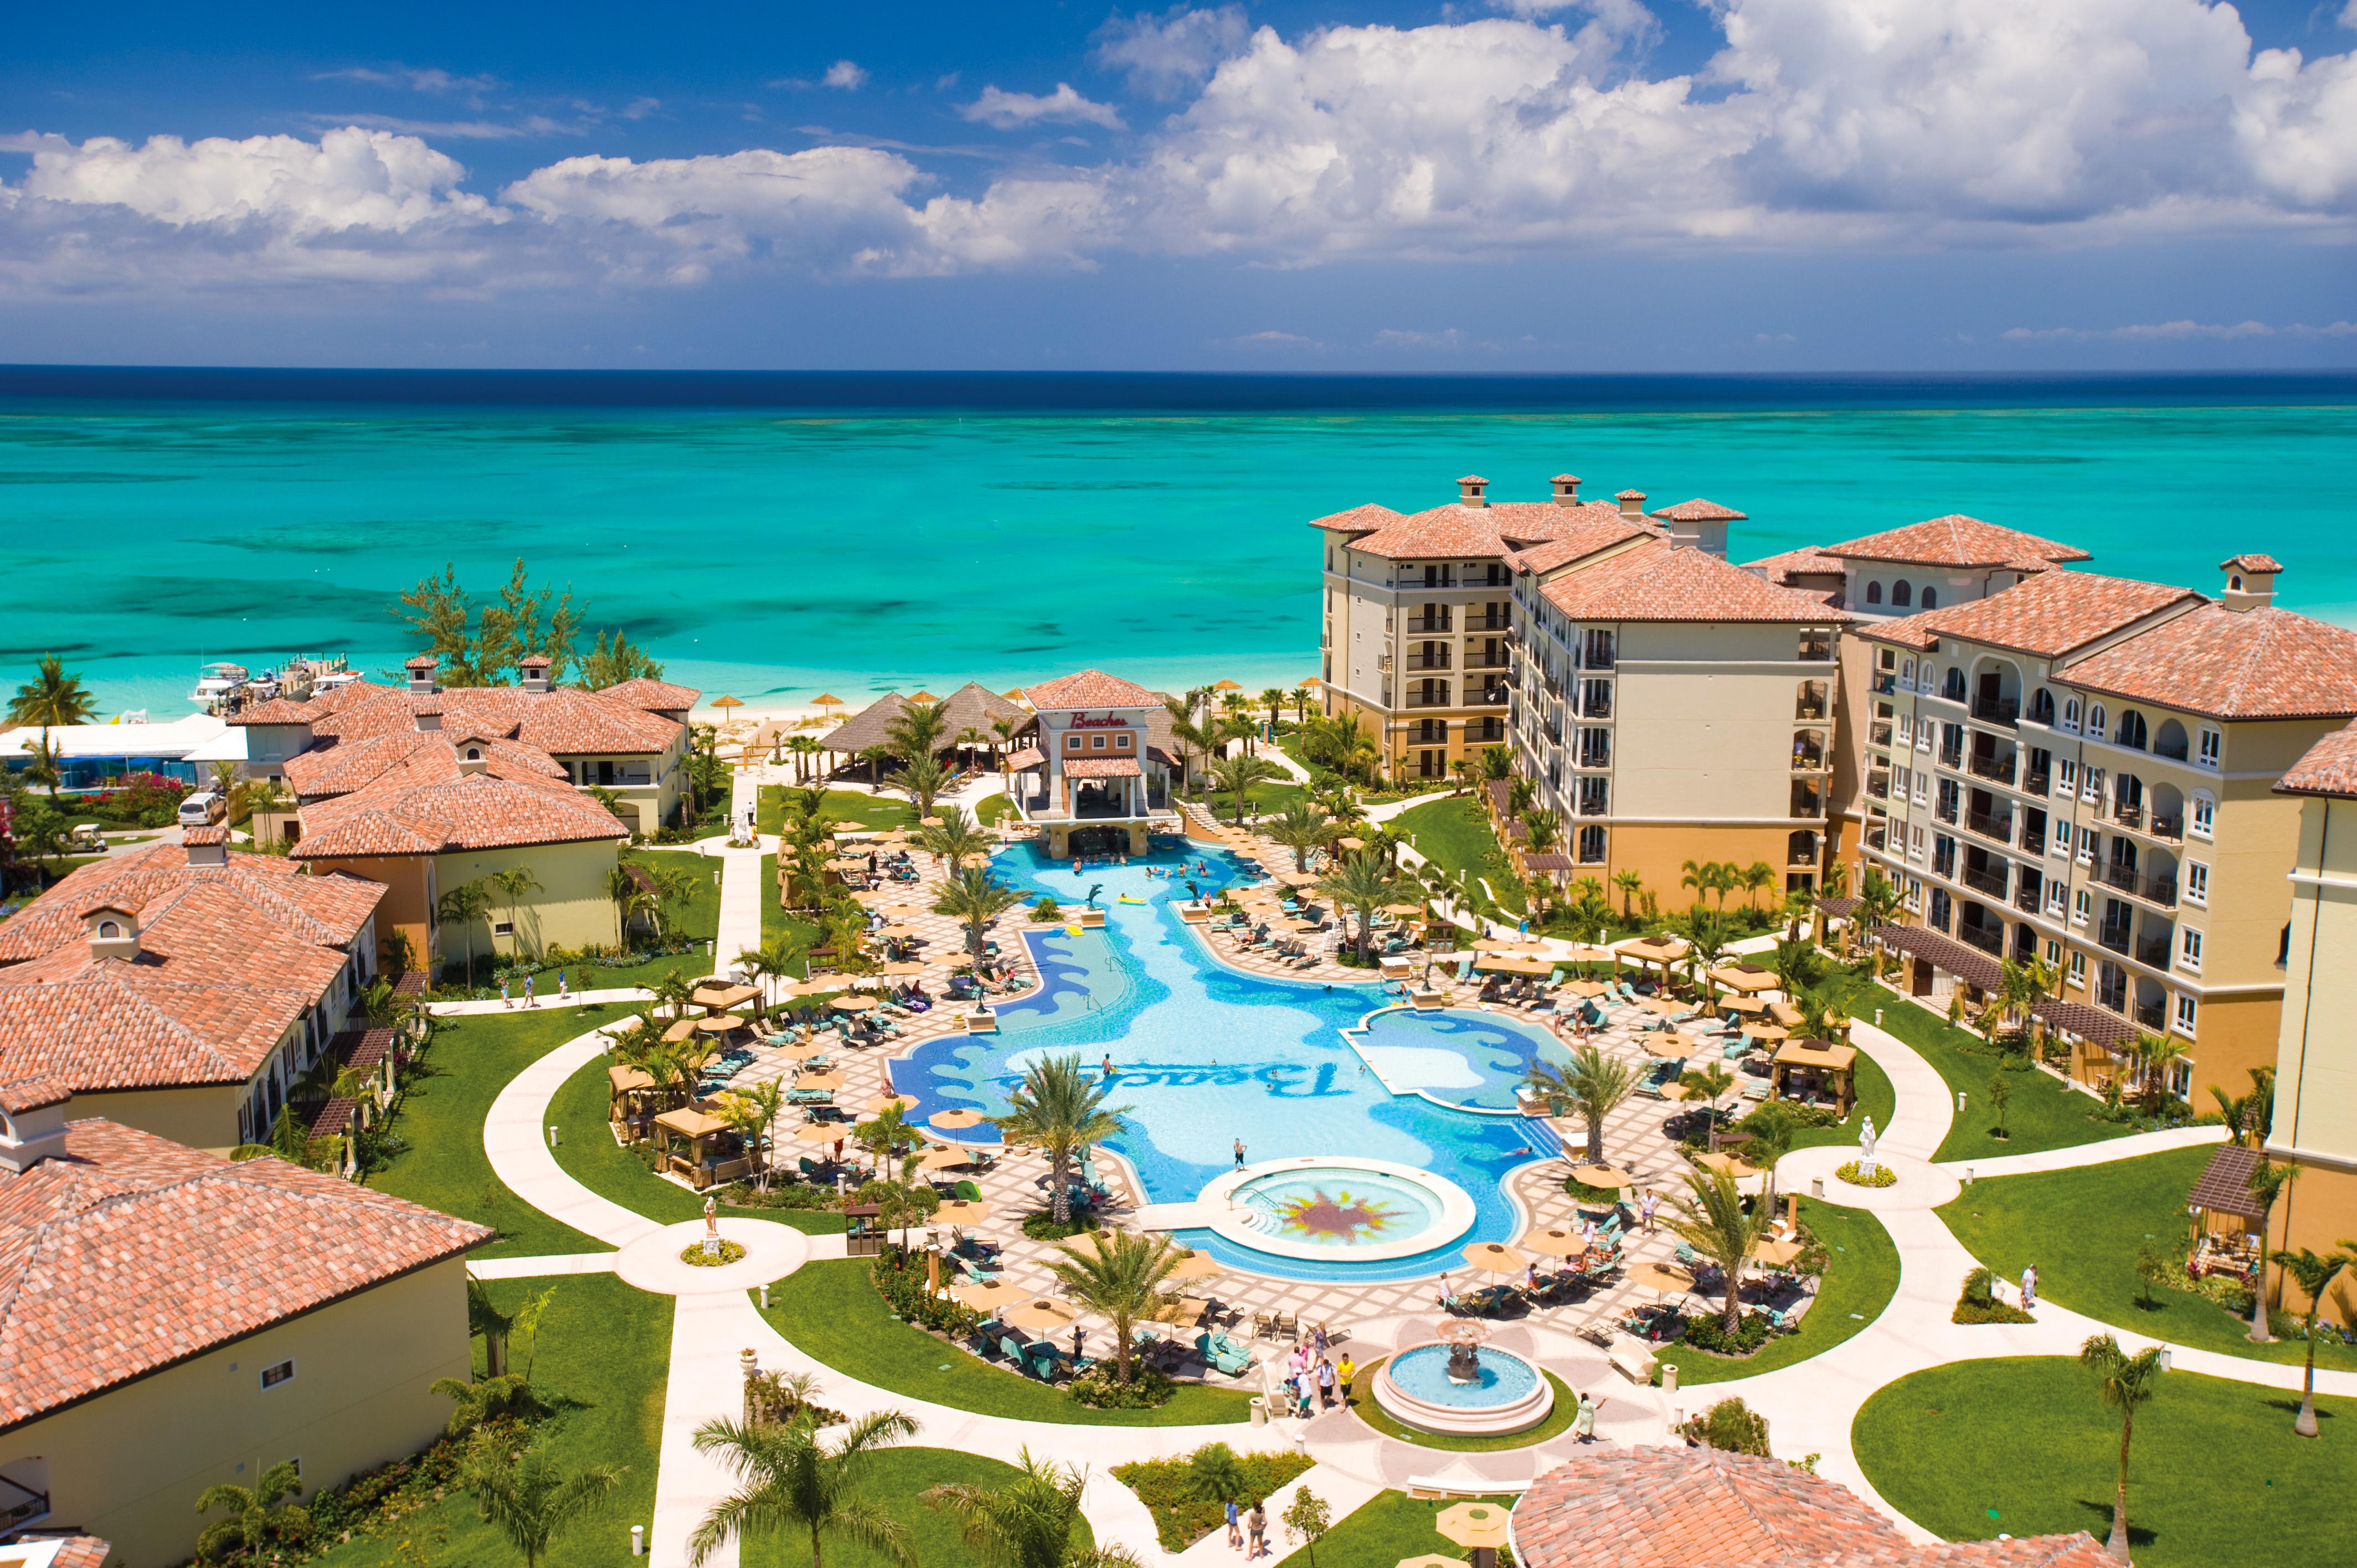 Hotel Caraibi Natale Ai Caraibi O In Polinesia